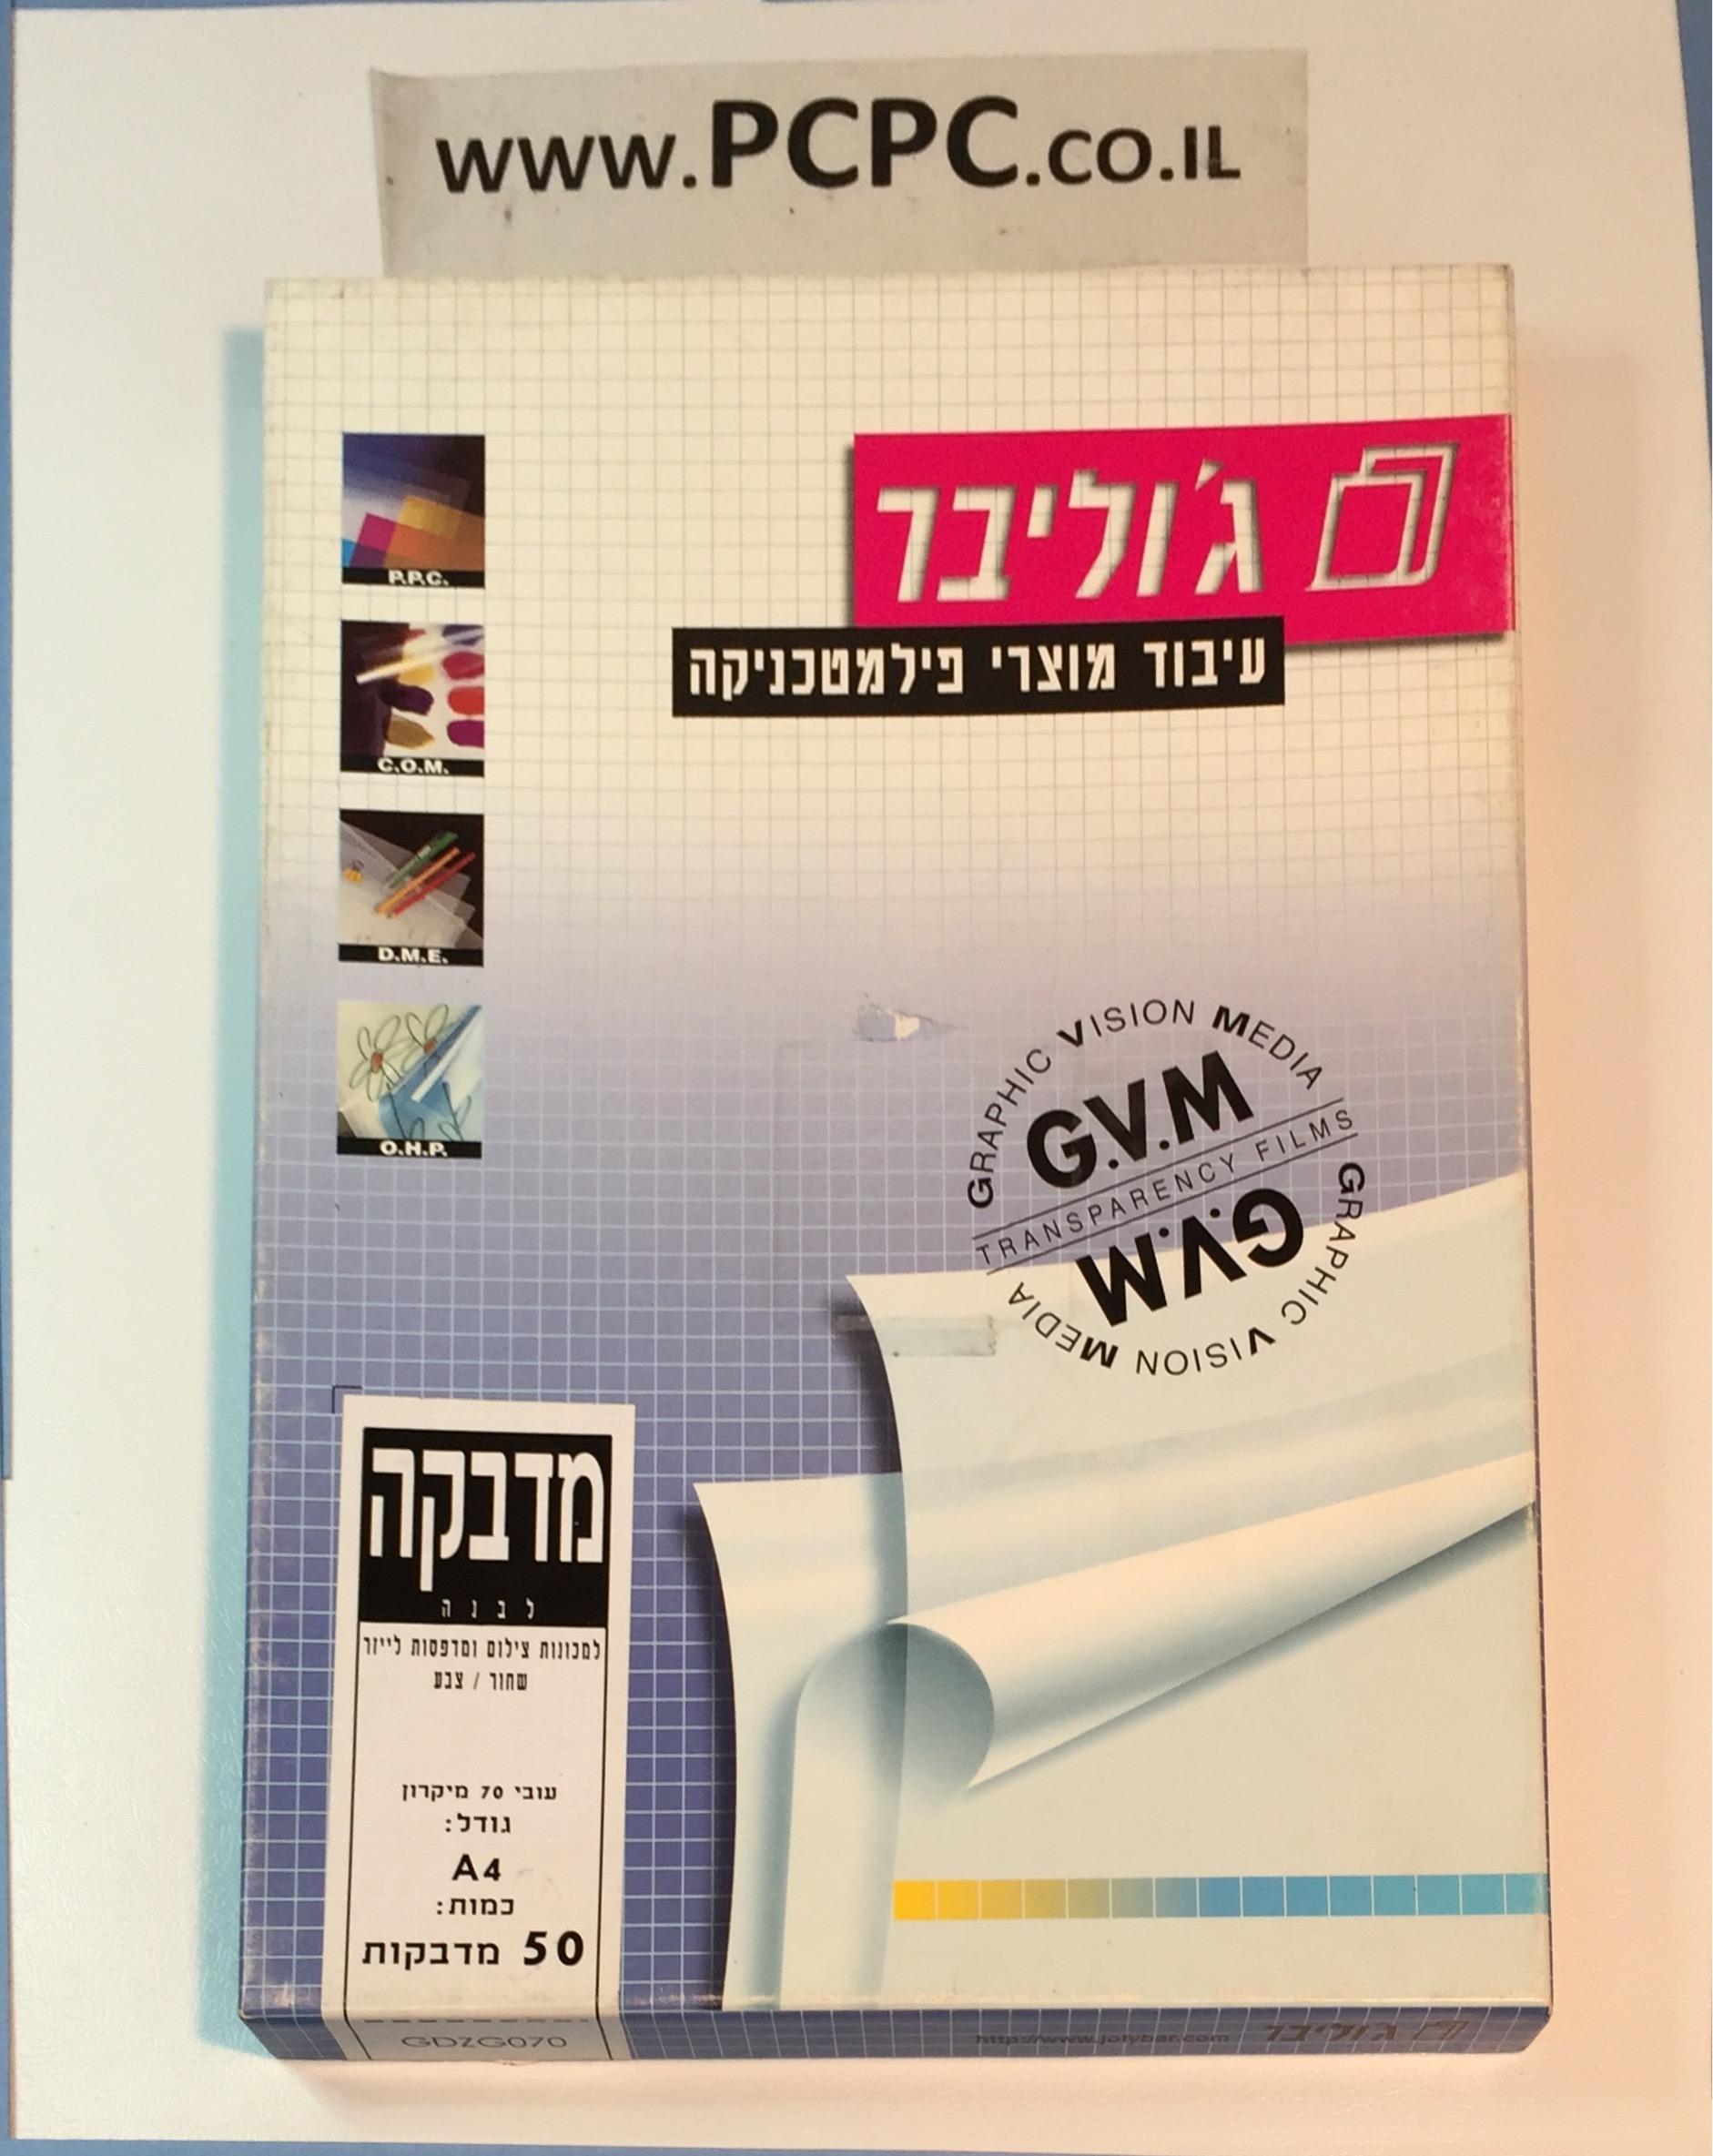 מדבקה לבנה מבריקה 70 מיקרון A4  למדפסות ליזר מחיר ליחידה גוליבר